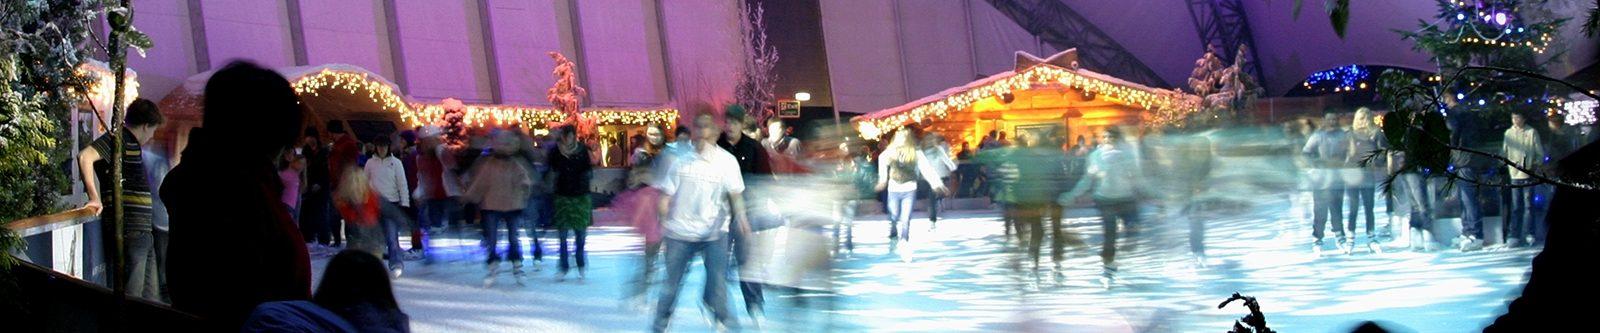 eden skating rink